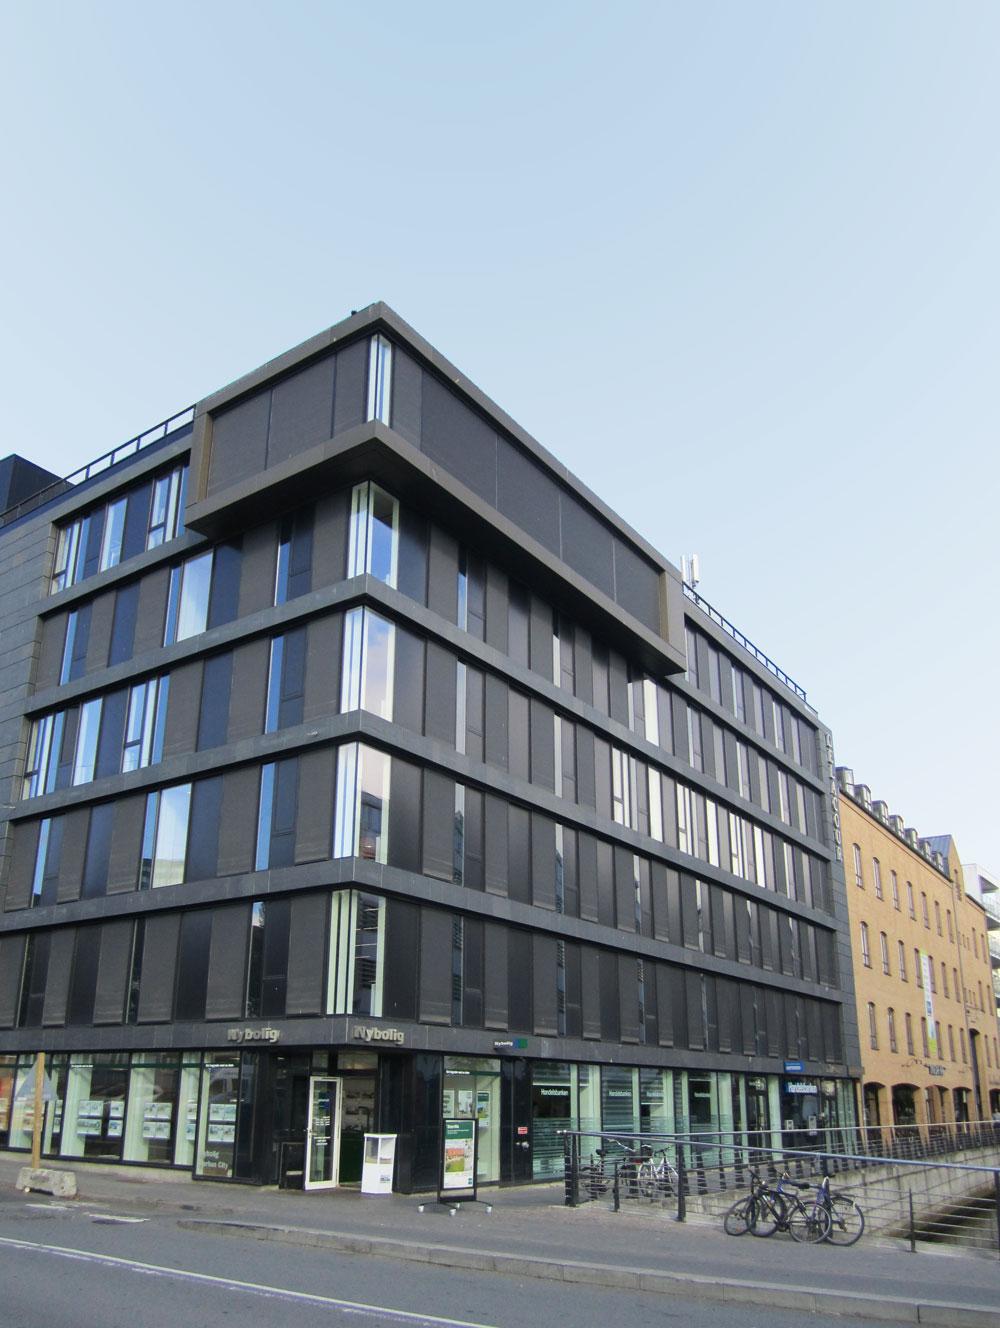 handelsbanken-aarhus-city_1